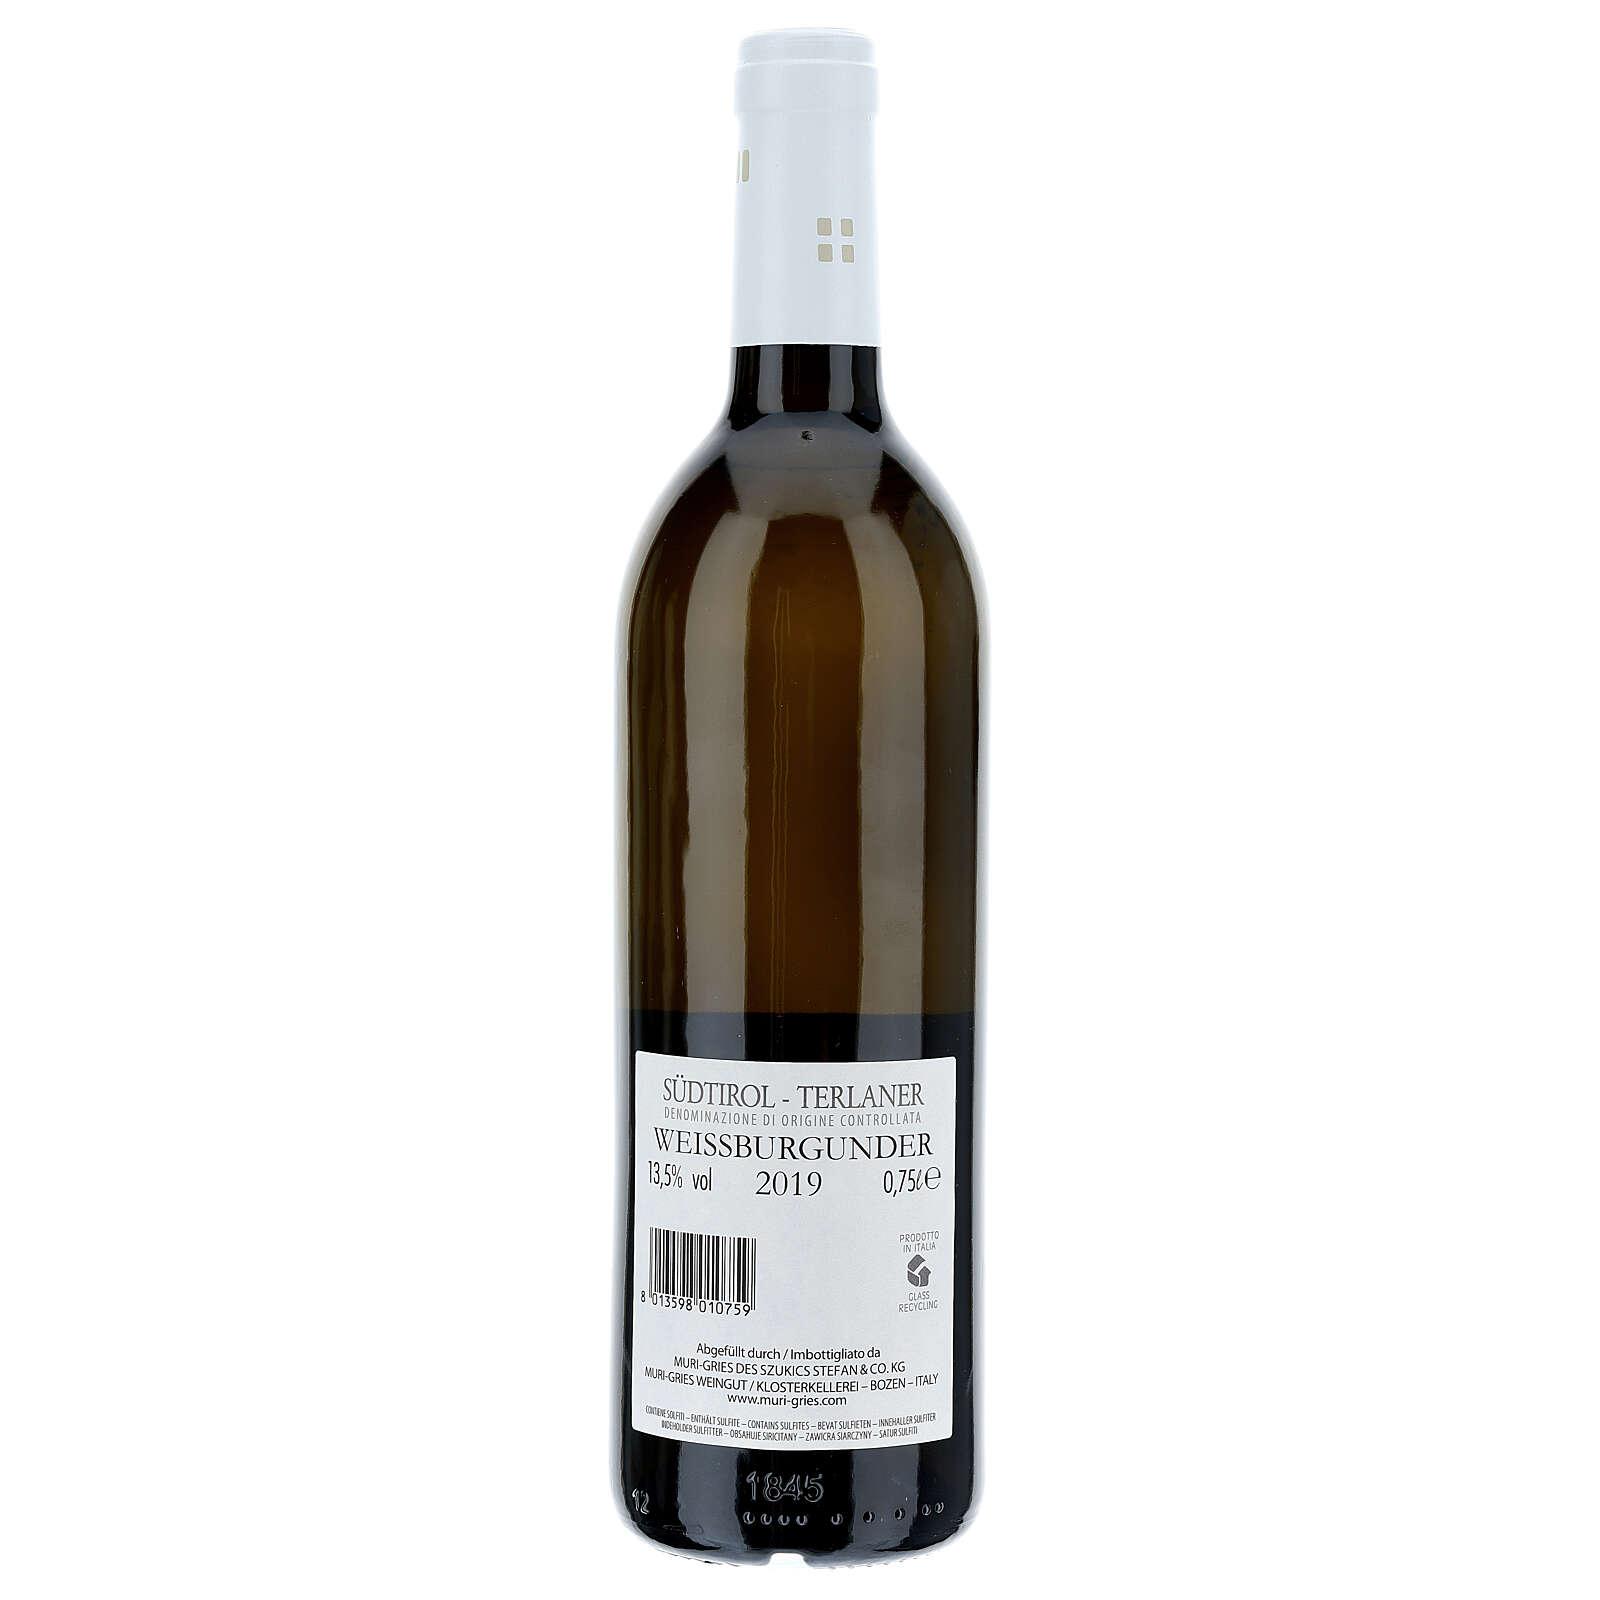 Pinot Bianco di Terlano DOC 2019 wine Muri Gries Abbay 3